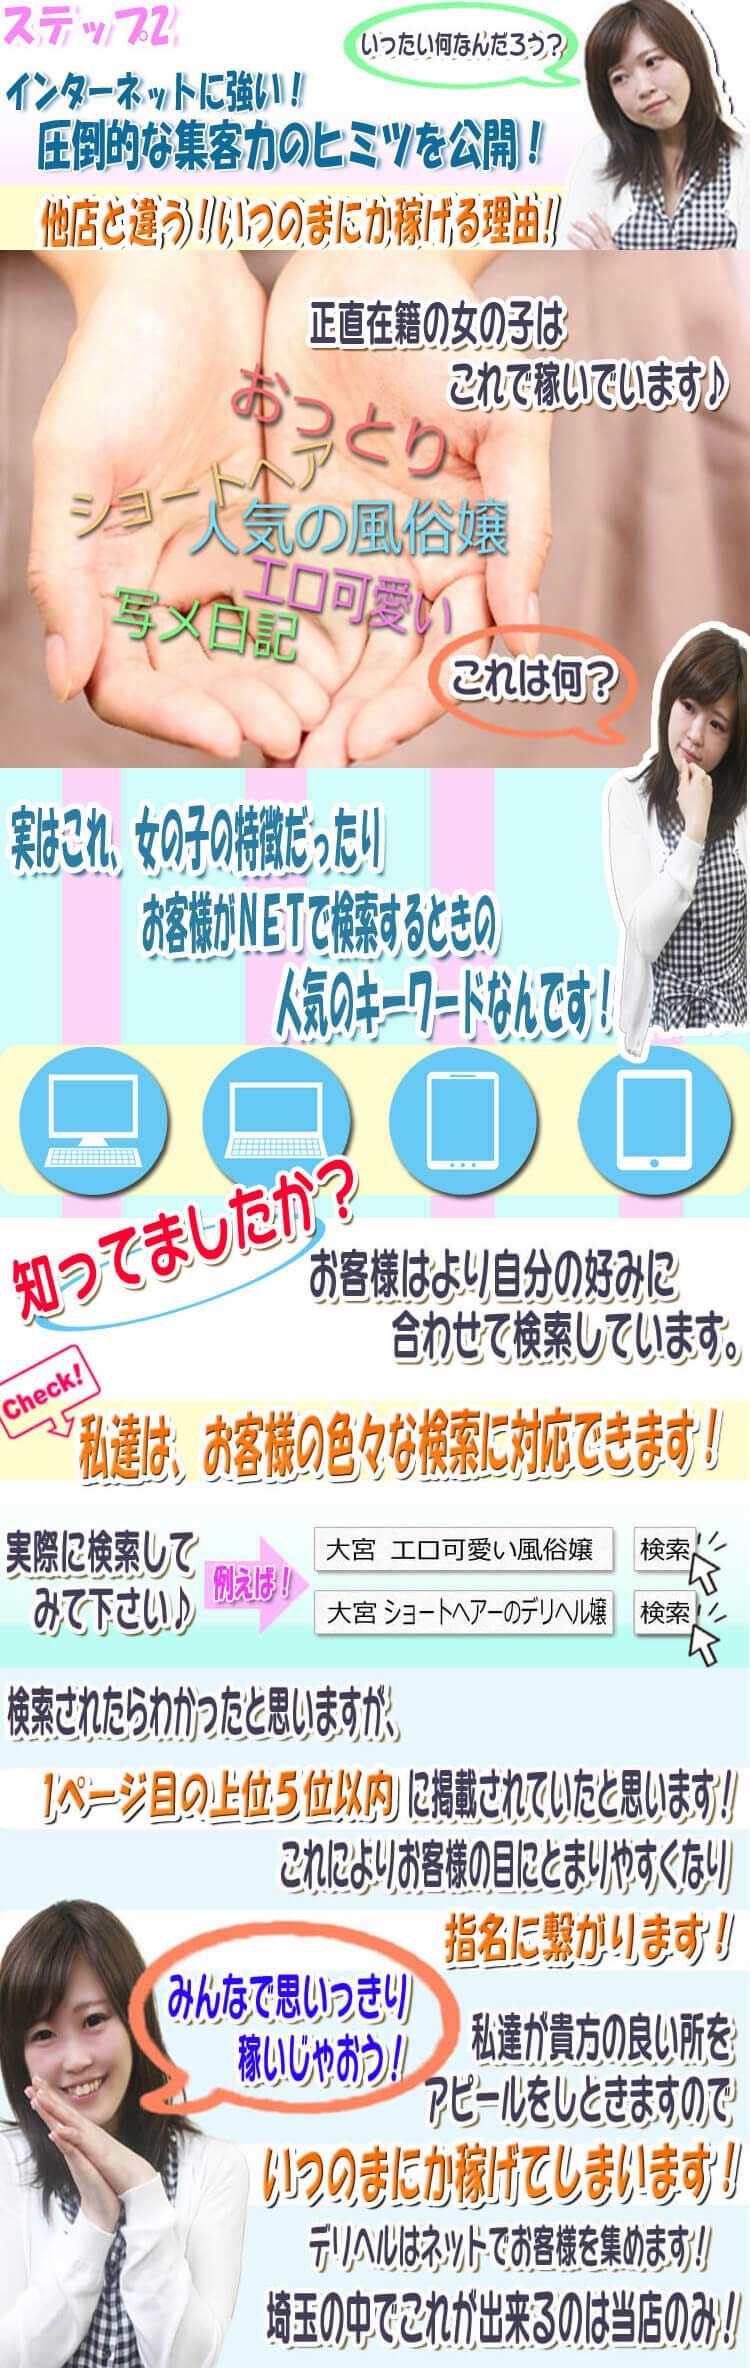 他店と違う当店の稼げる理由は、ネットに力を入れ指名に繋げているから!埼玉の中で出来るのは当店のみ!